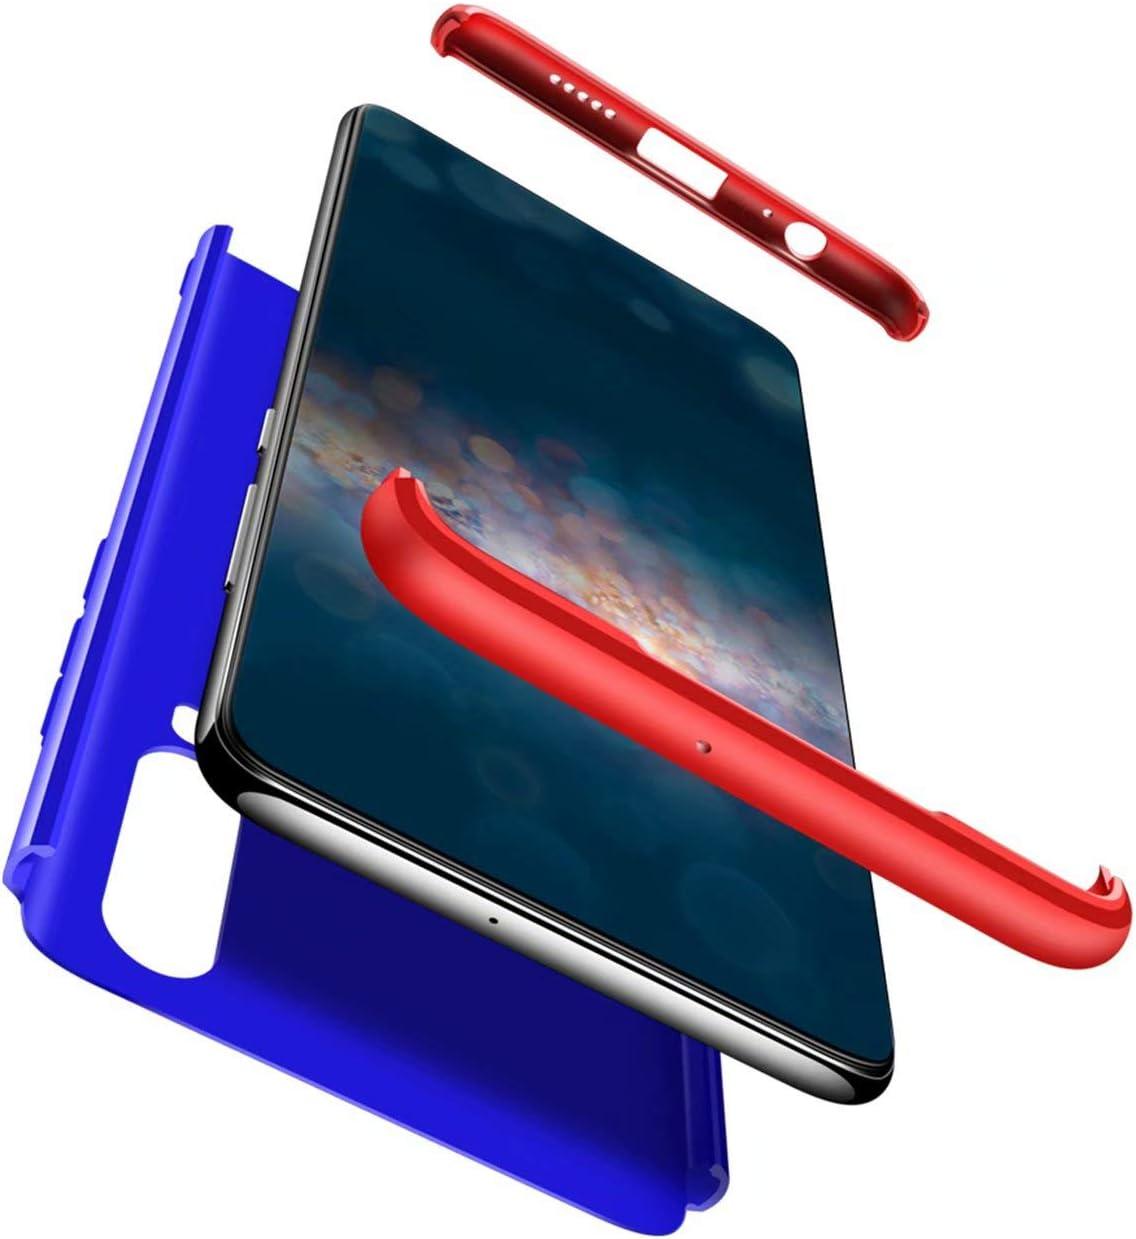 TXLING Funda Xiaomi Redmi Note3 Bumper 3 en 1 Estructura 360 Grados Case Ultra-Delgado Anti-rasguños Carcasa para Xiaomi Redmi Note3 Rojo Azul + Cristal Templado